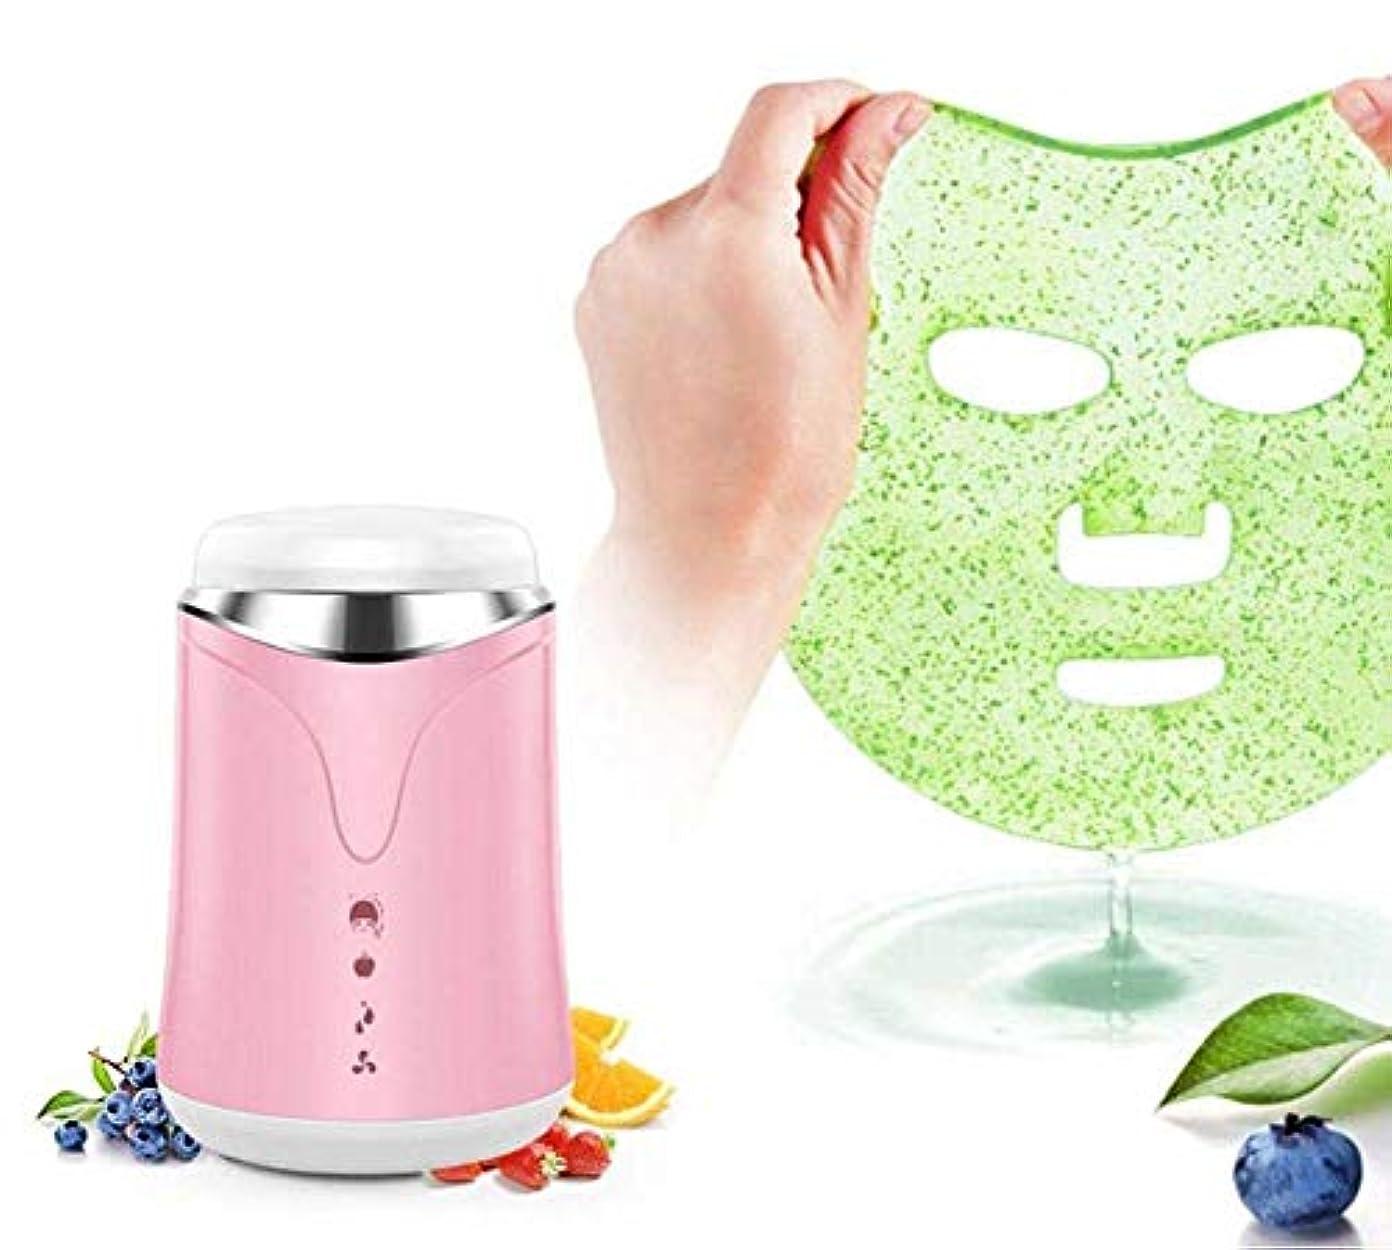 珍しい担当者無人果物と野菜のマスクを作るマシン、顔の汽船インテリジェント自動フェイシャルケア機器/保湿美容機器自家製の液体マスク,Pink